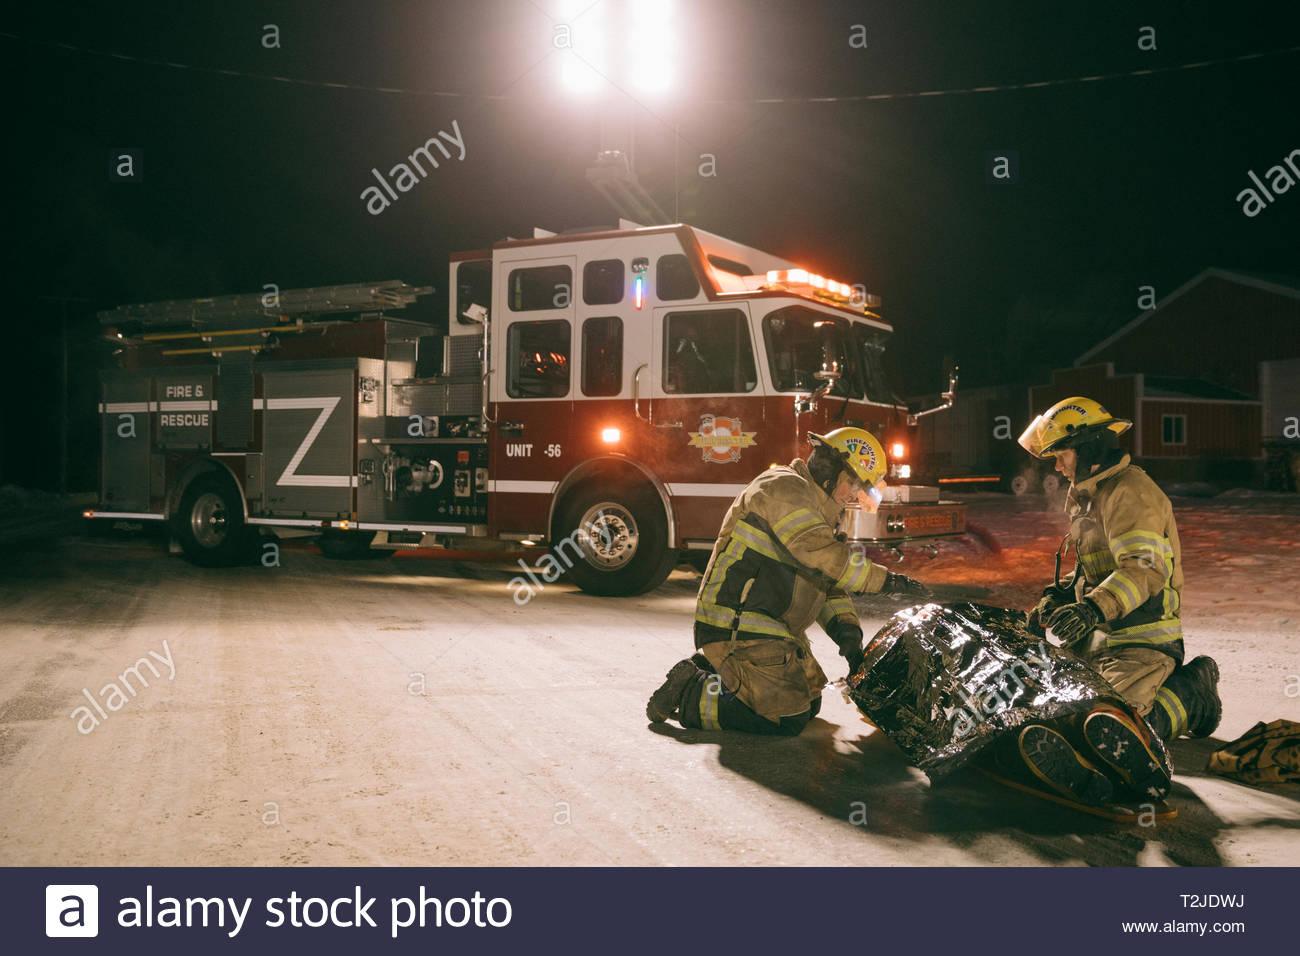 Los bomberos tendiendo a la víctima en la escena del accidente Imagen De Stock